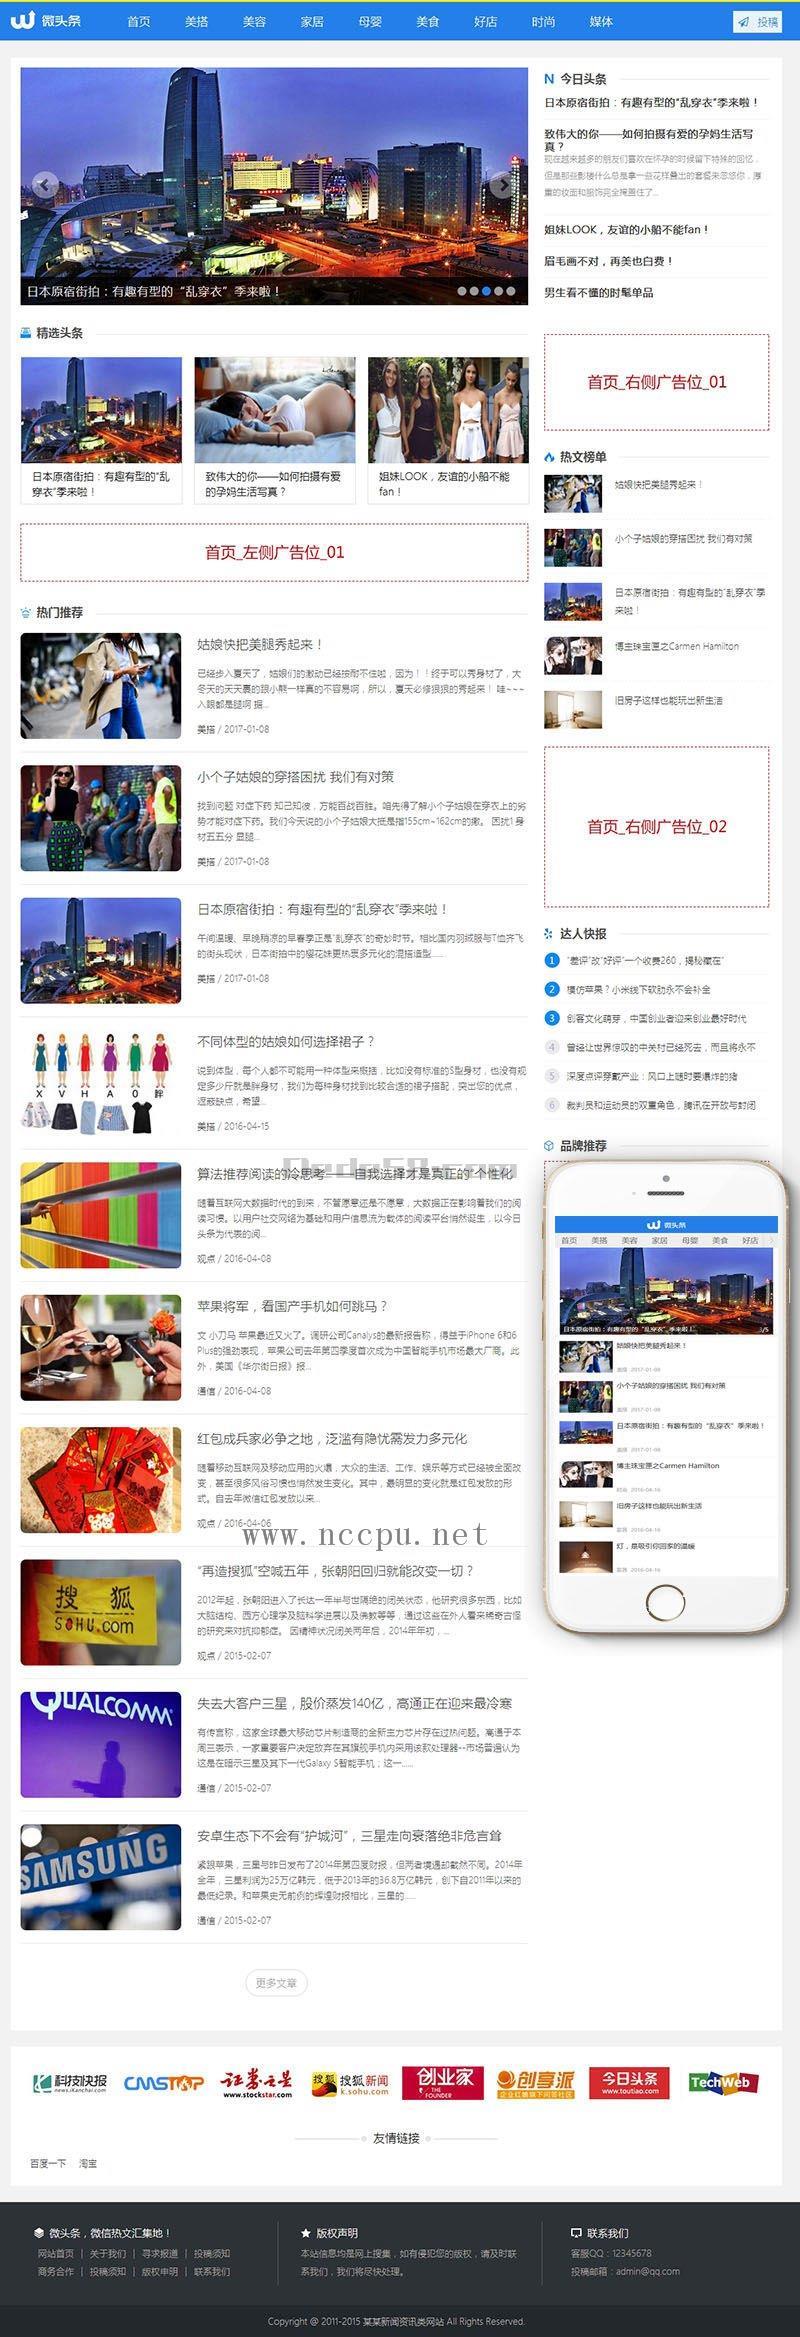 蓝色新闻博客自媒体头条网建设案例「响应式」